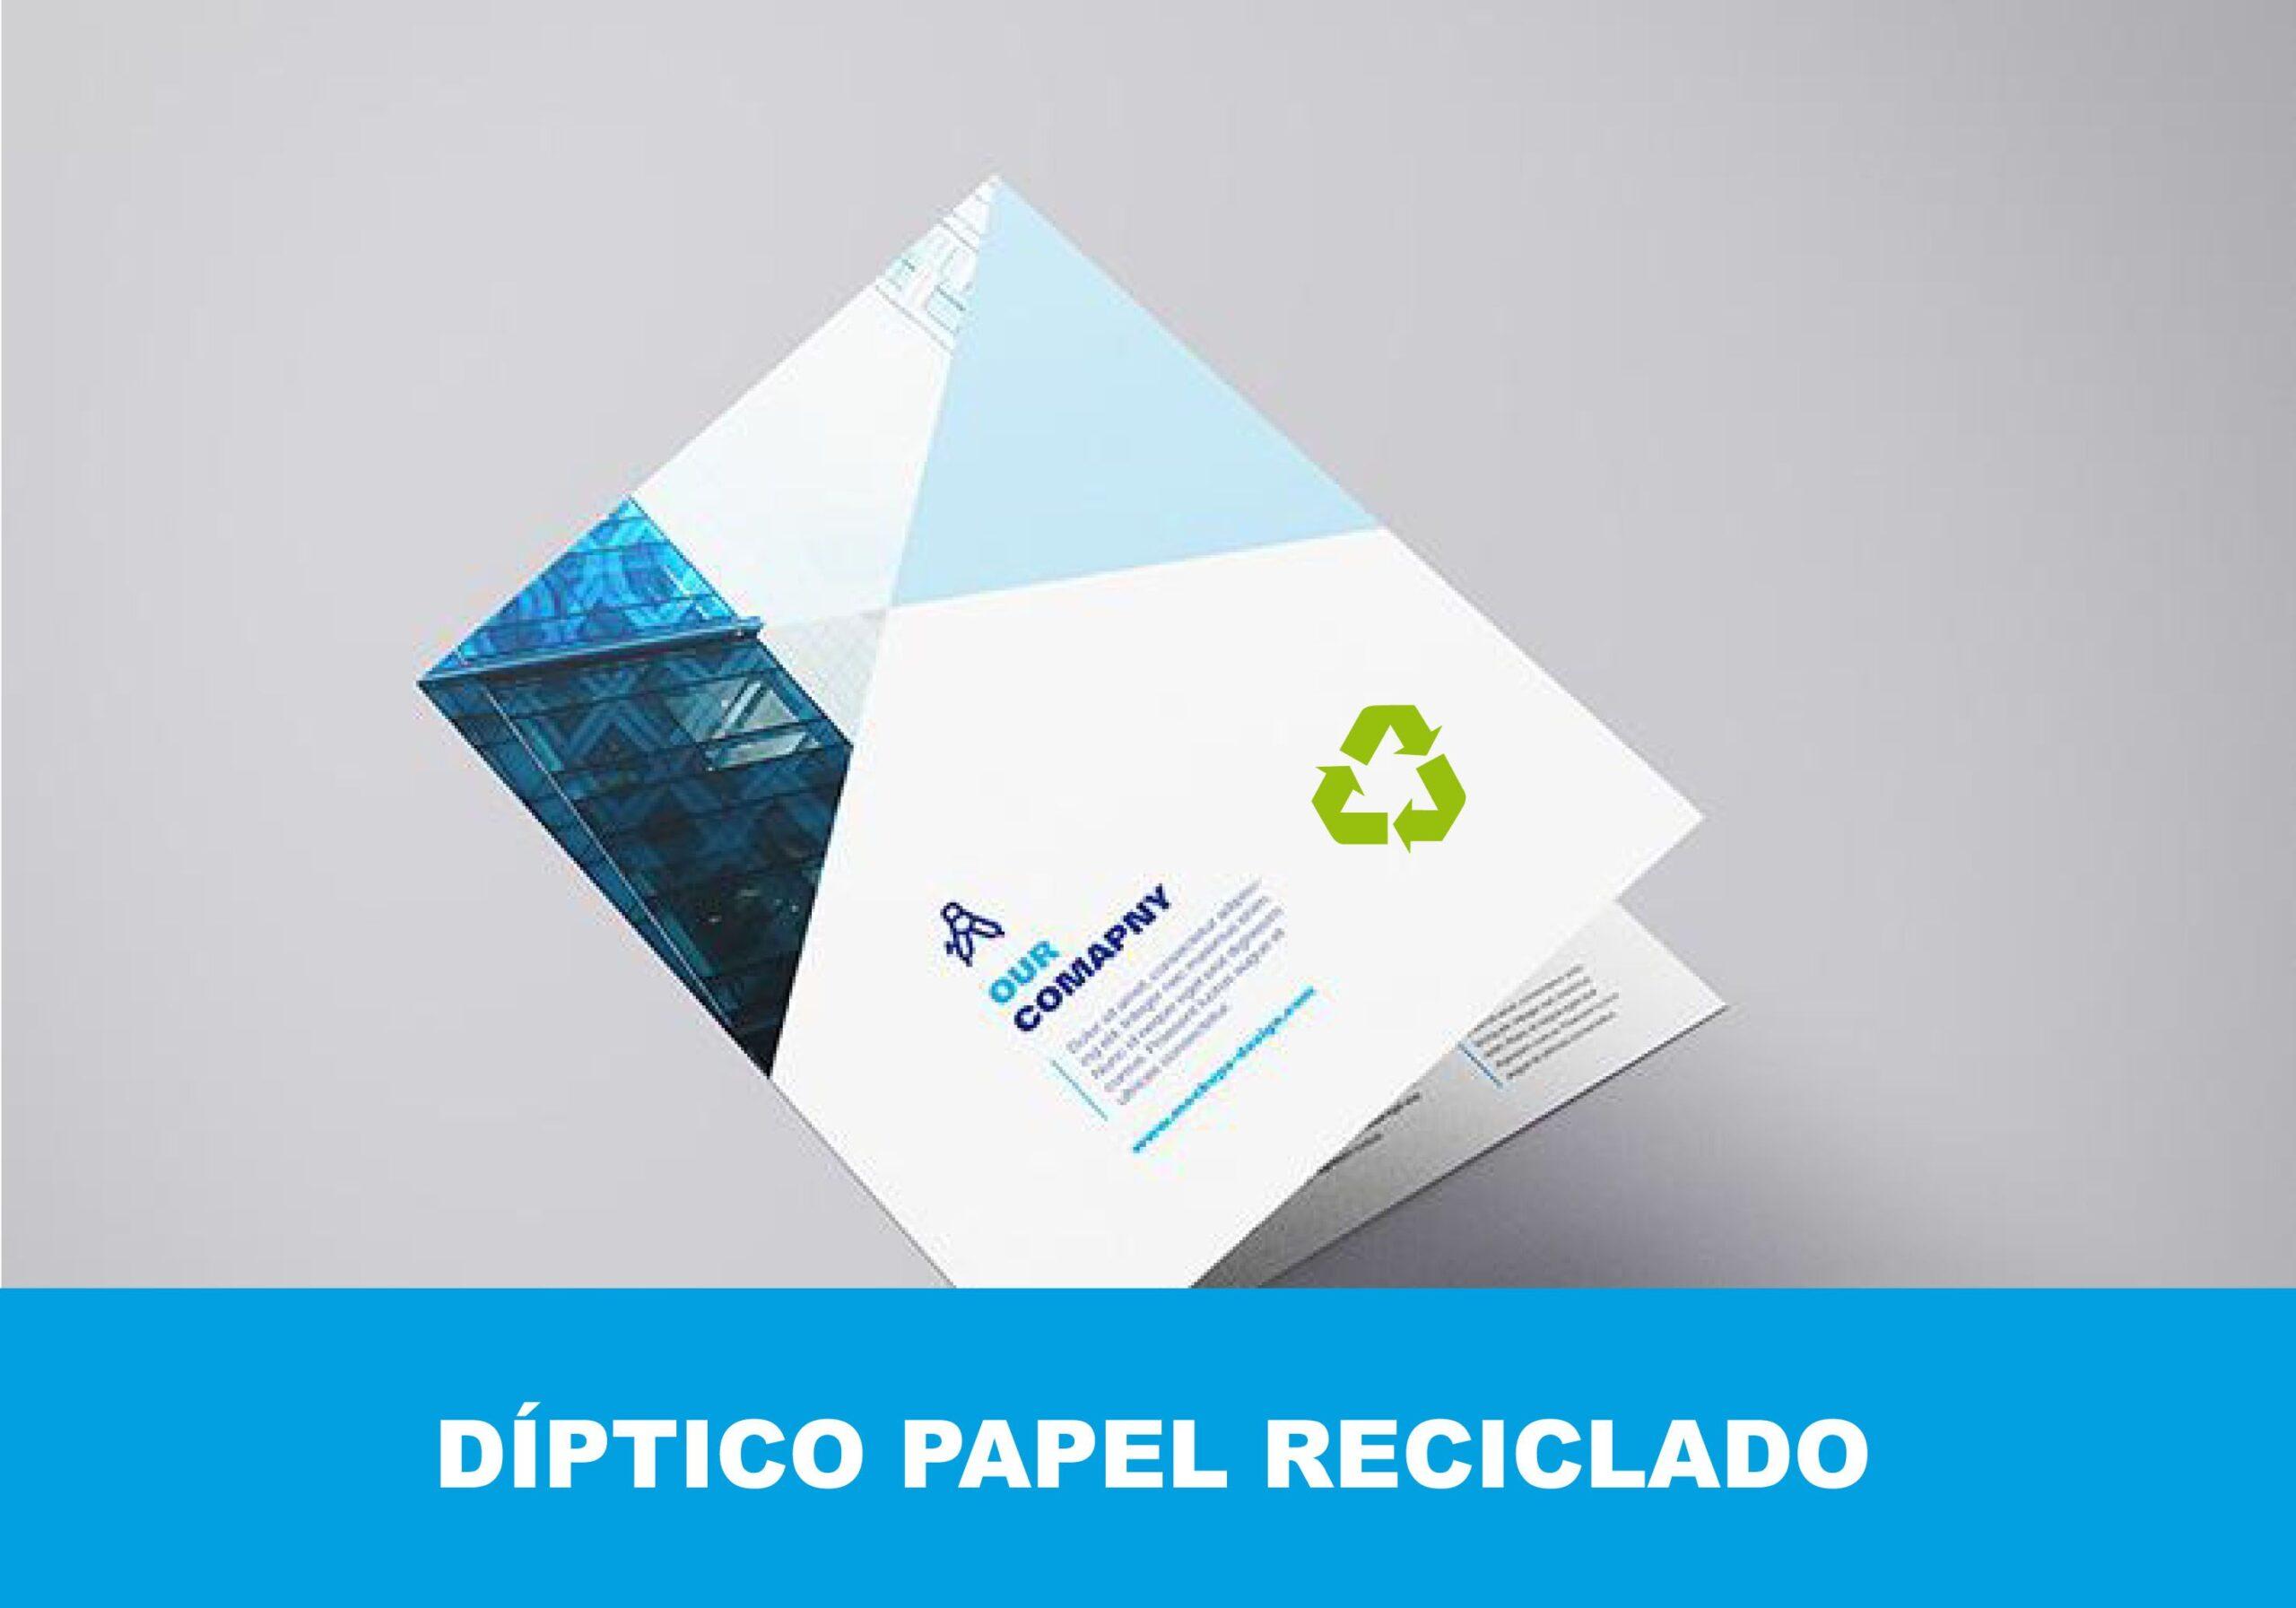 Díptico papel reciclado